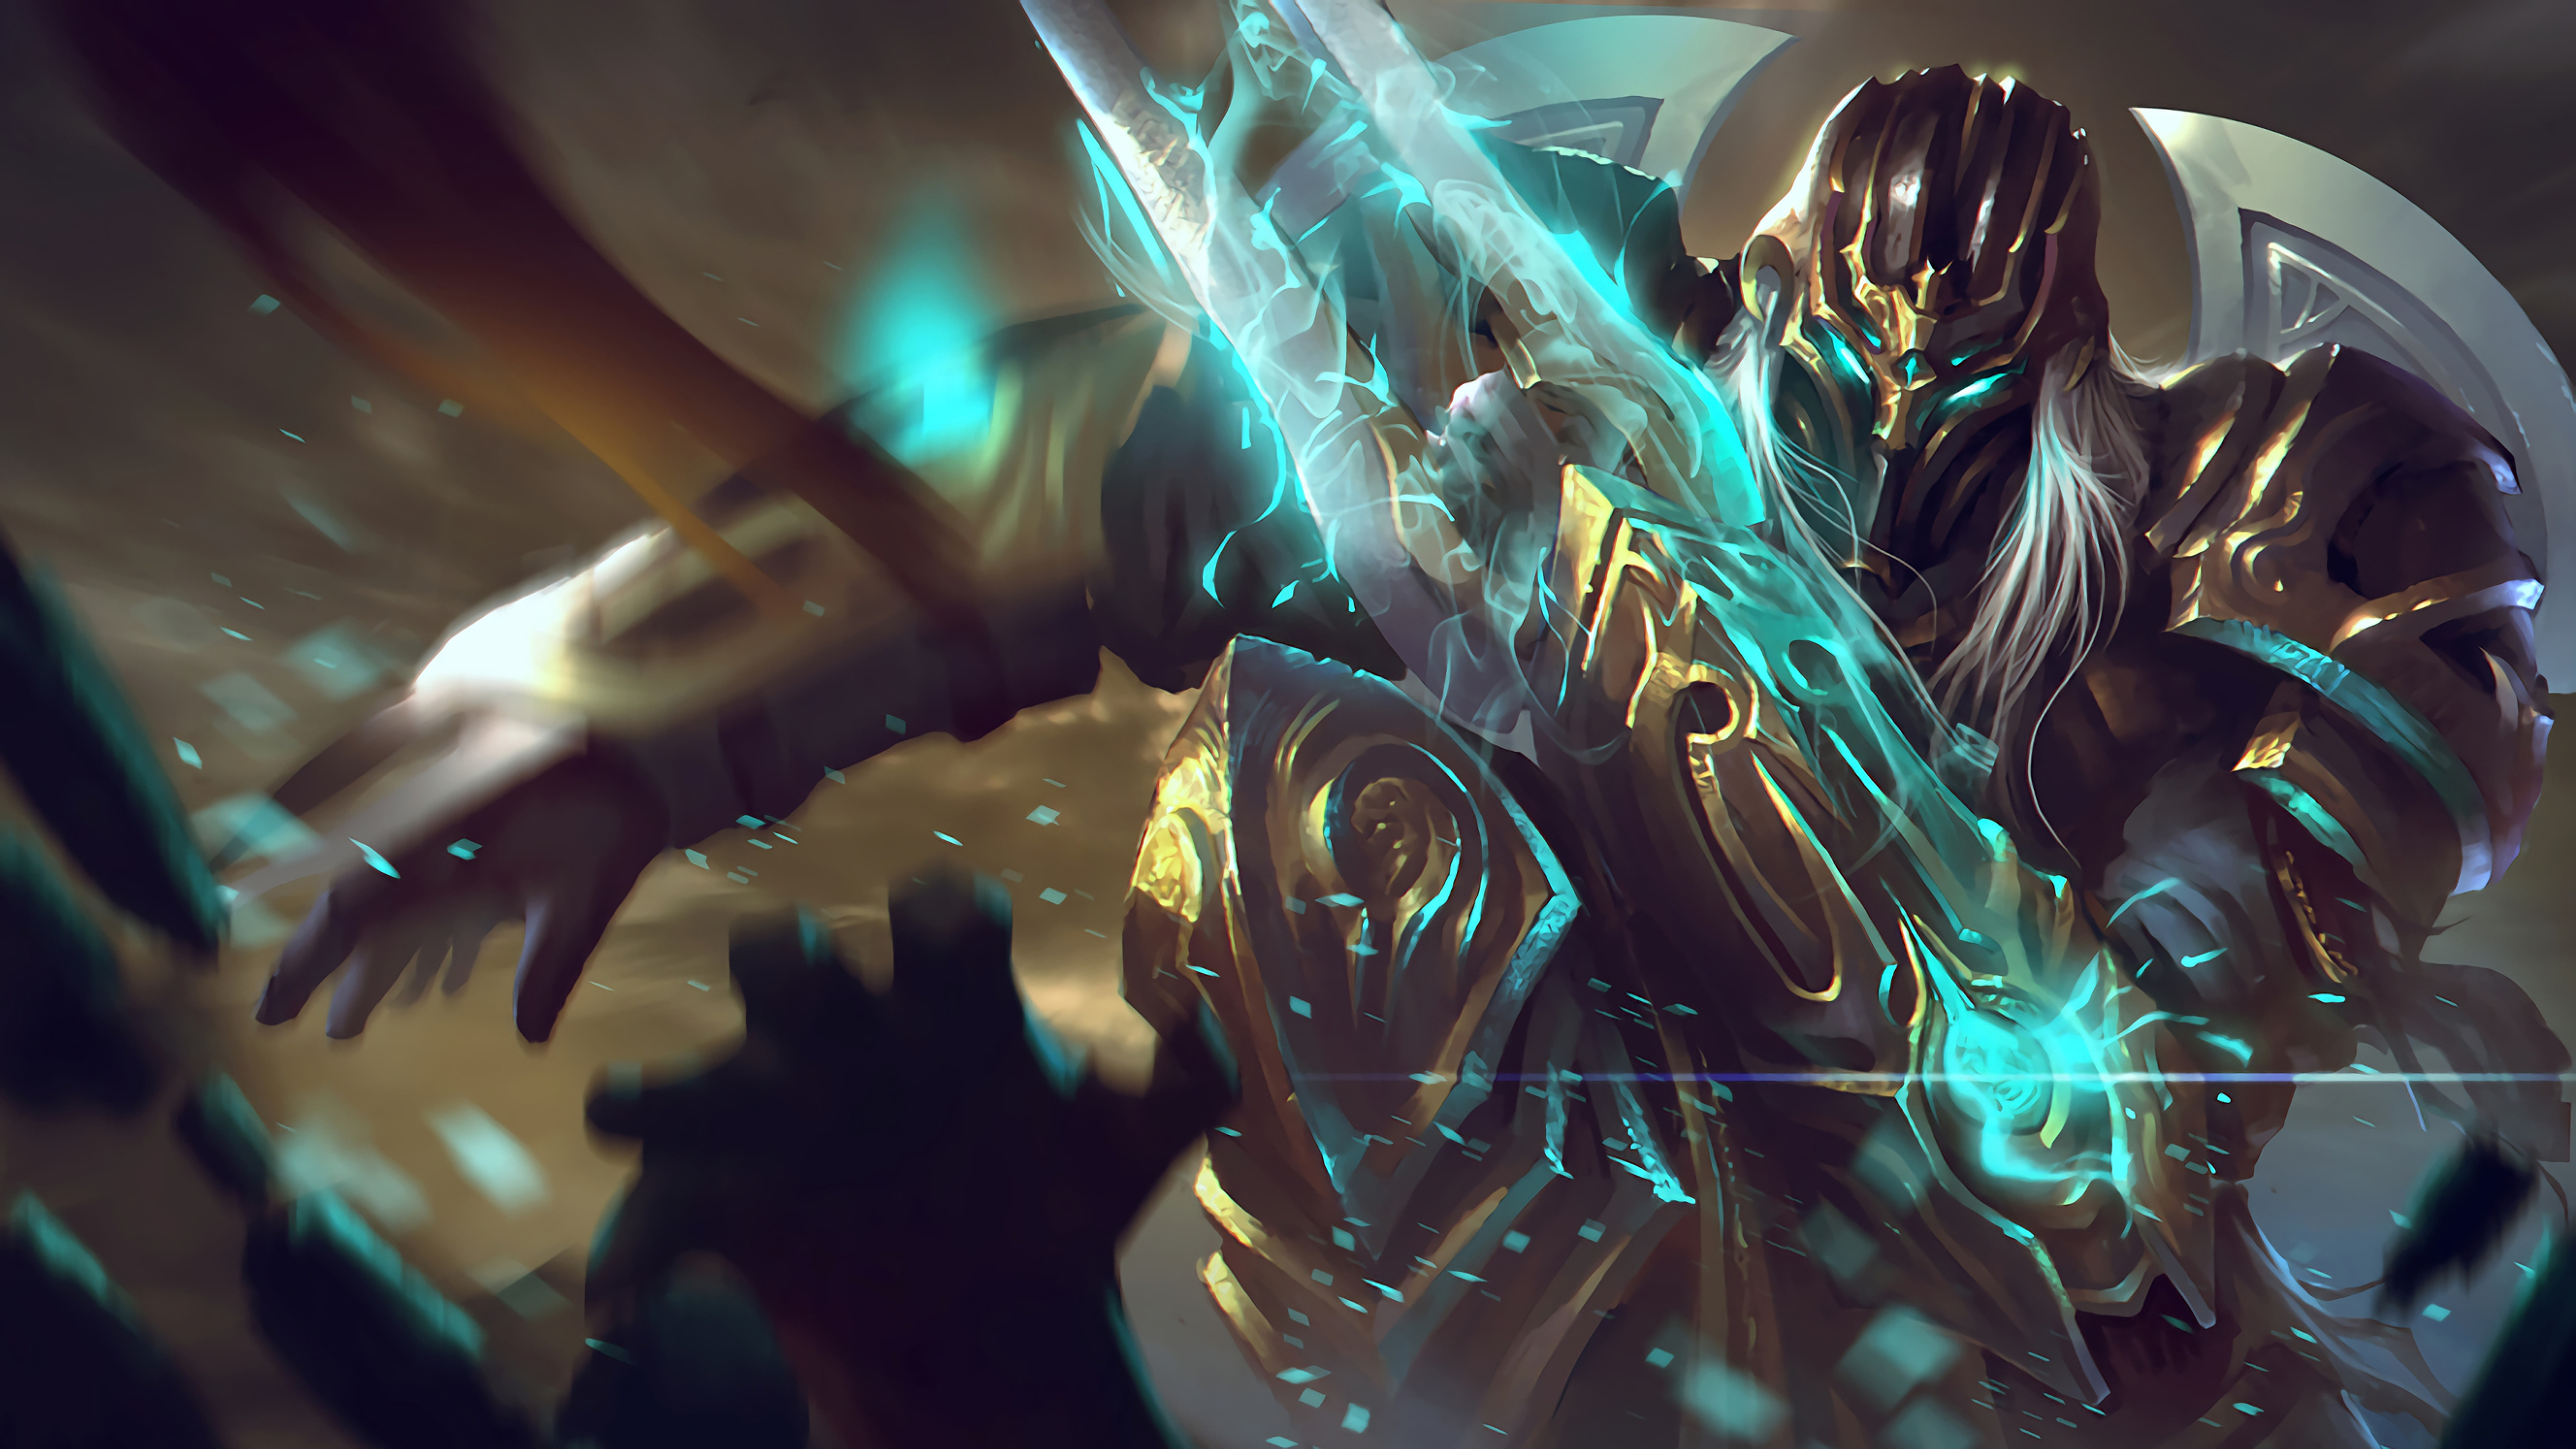 Zed League of Legends Zed, league of legends